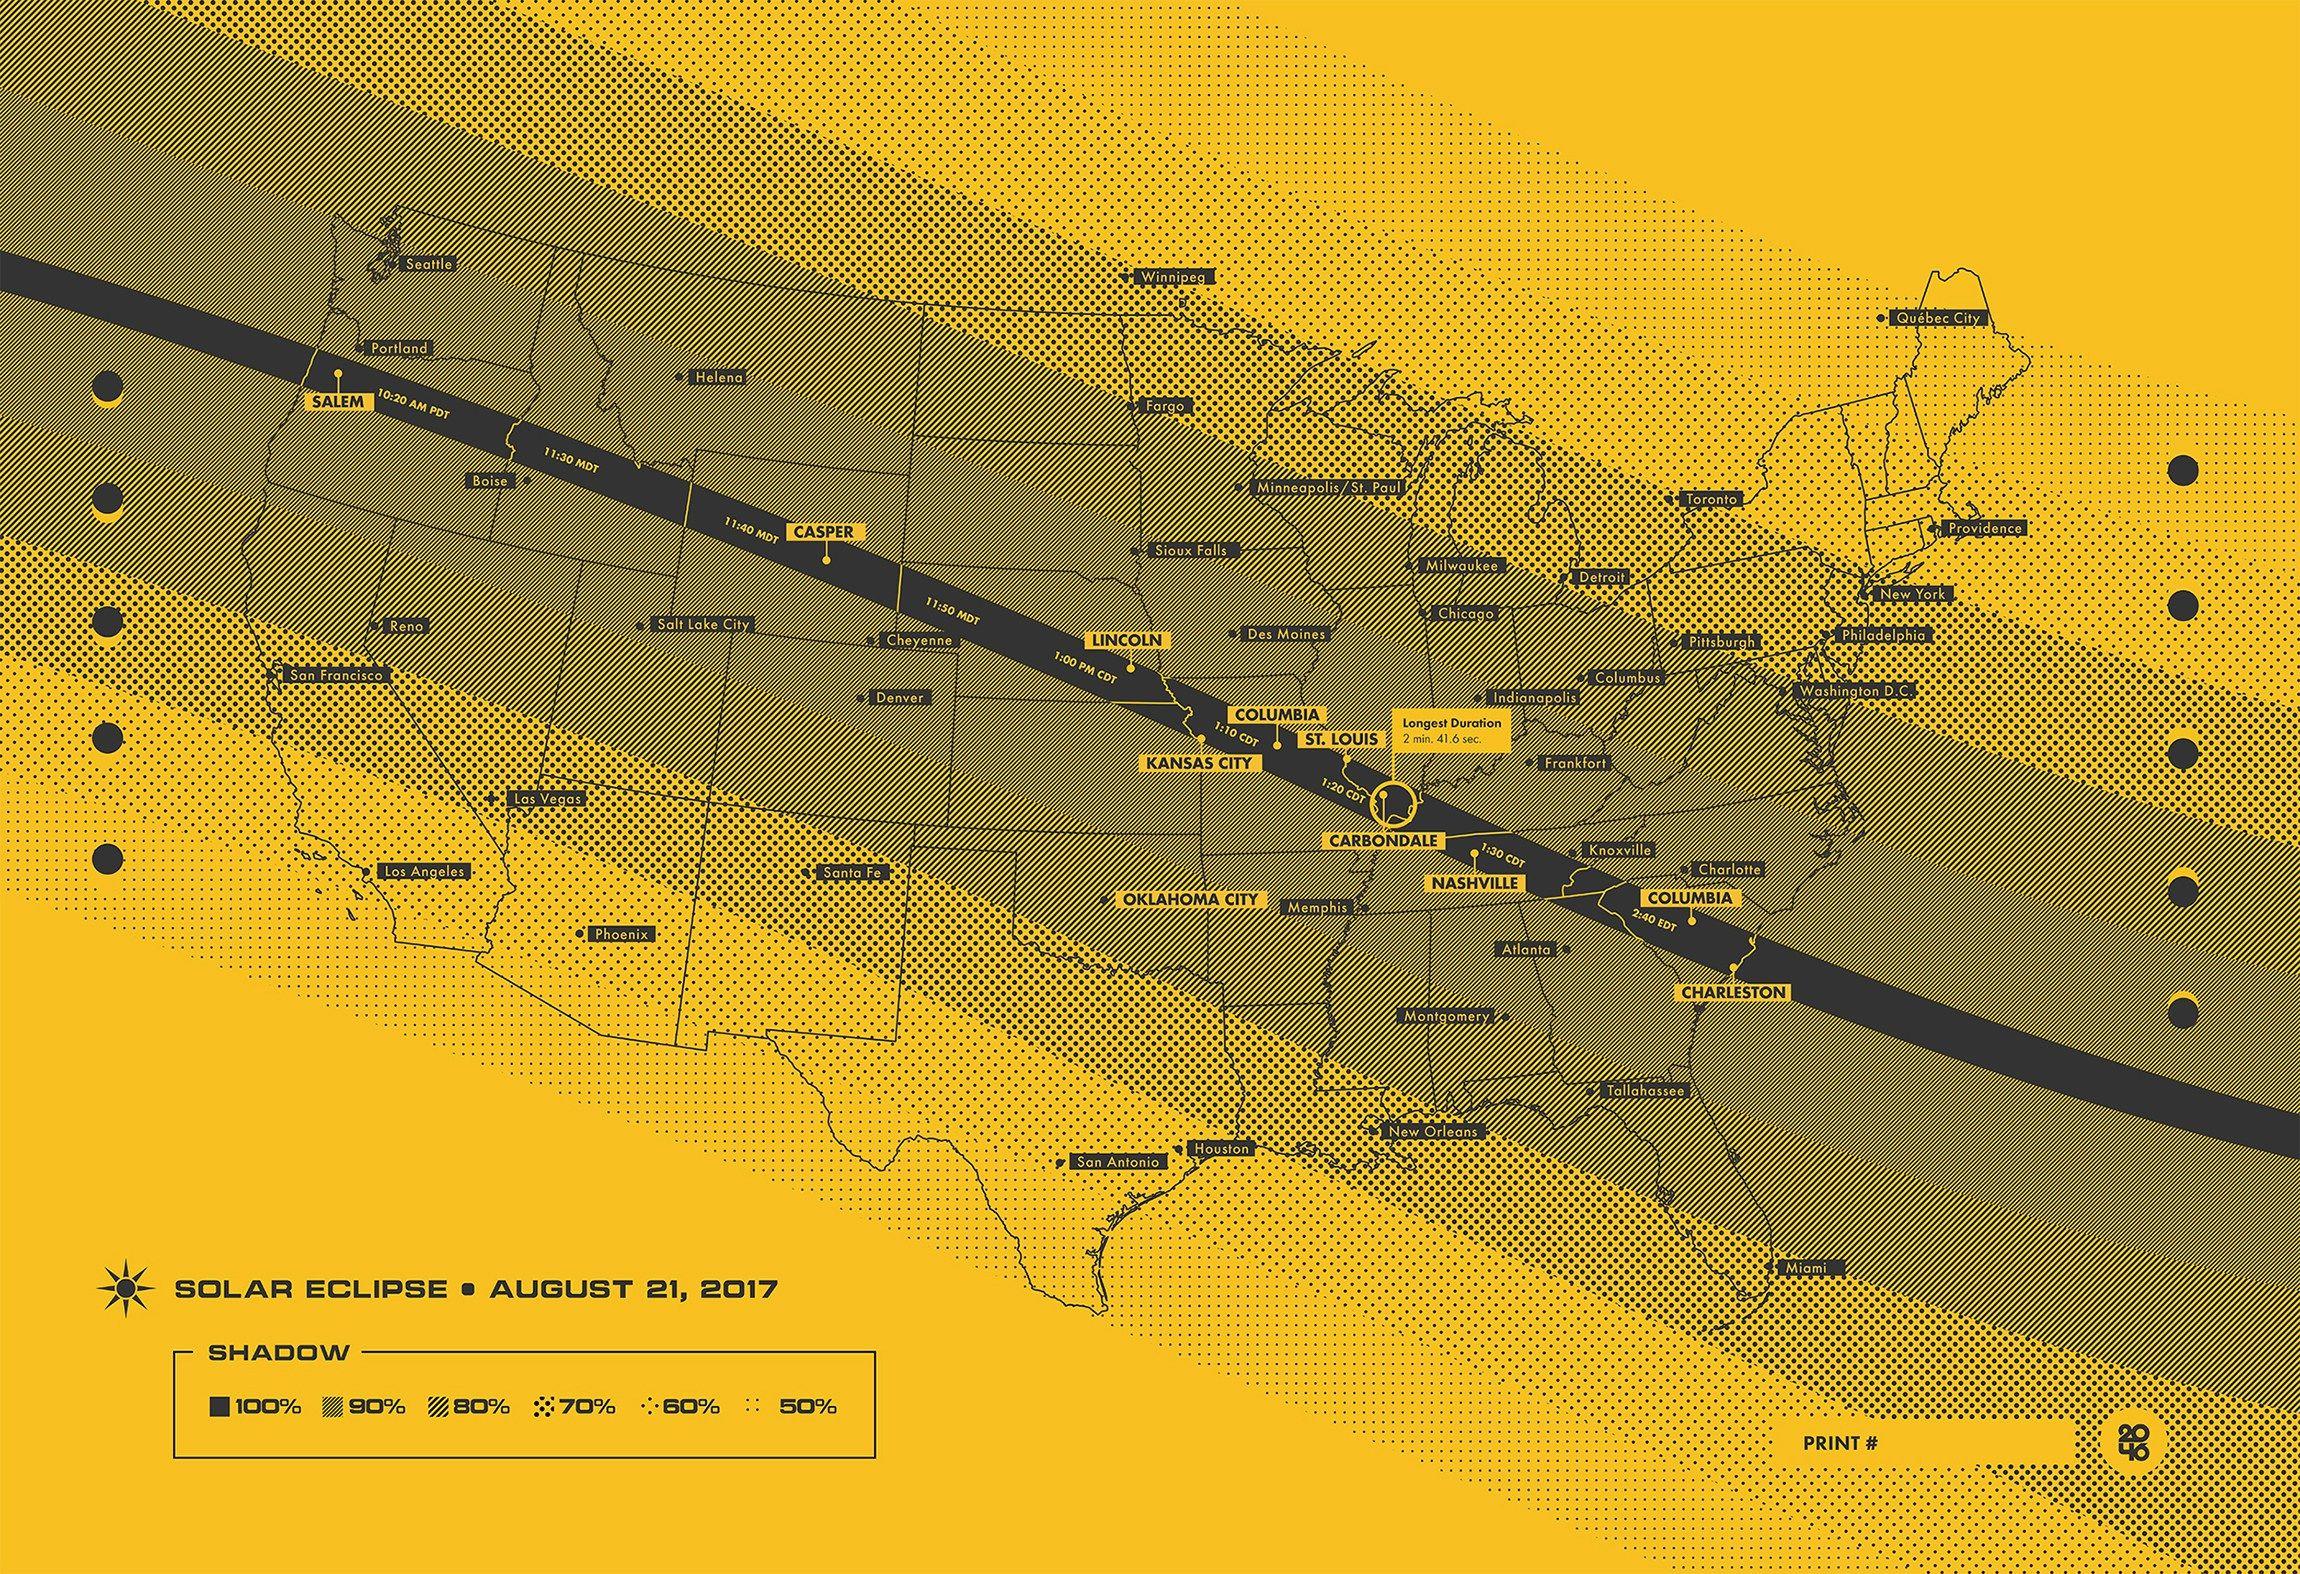 2017 Solar Eclipse Map | Solar eclipse map, Solar eclipse, Map